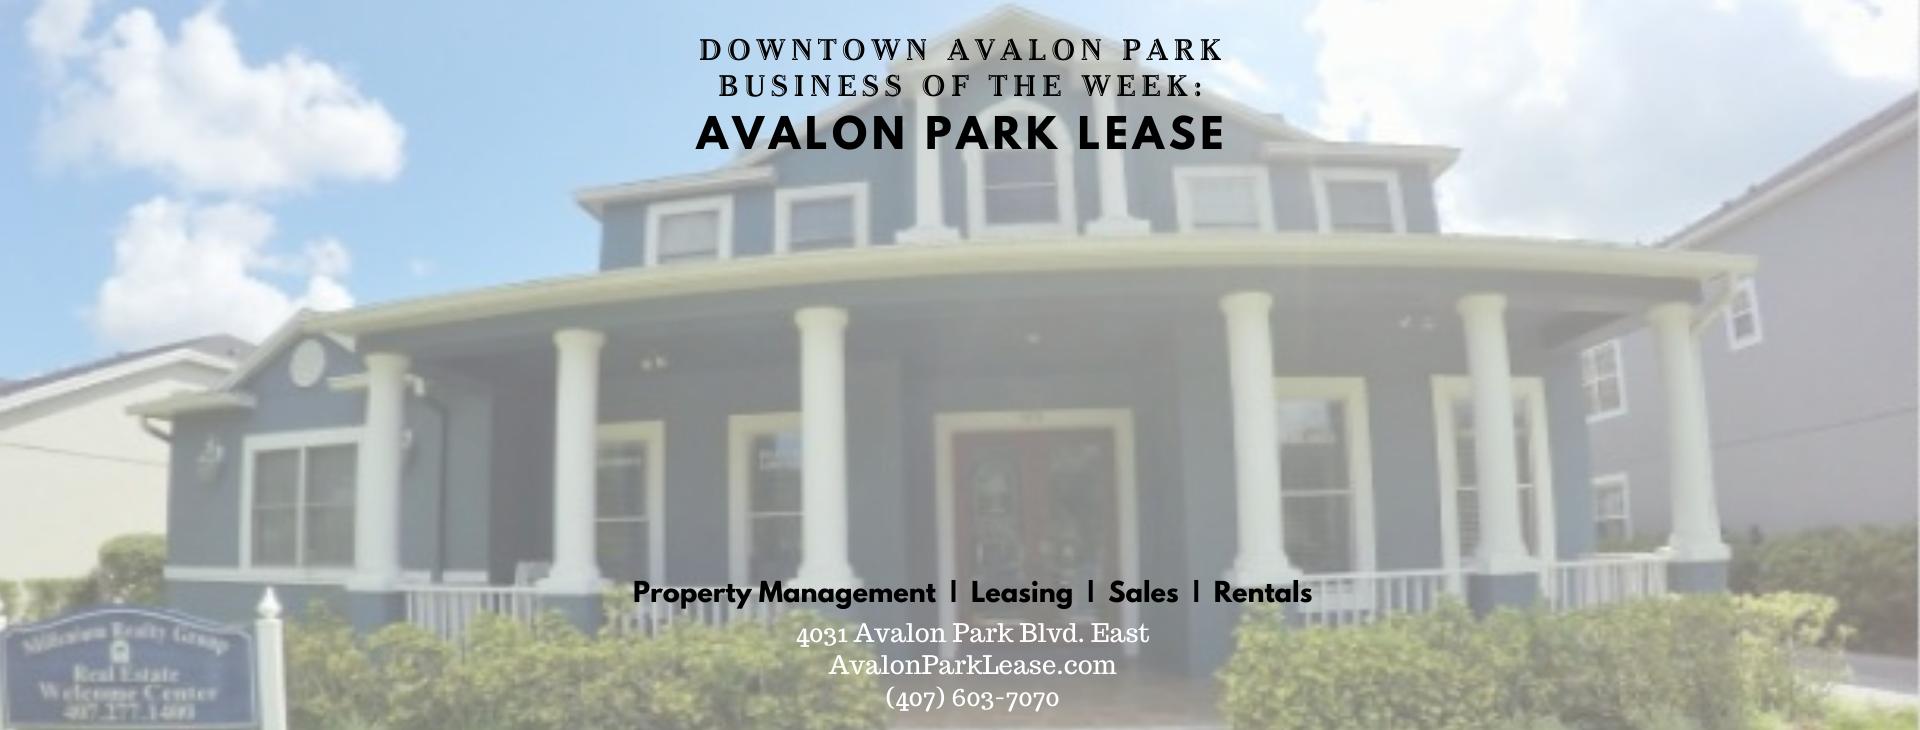 BOW Avalon Park Lease FB Header